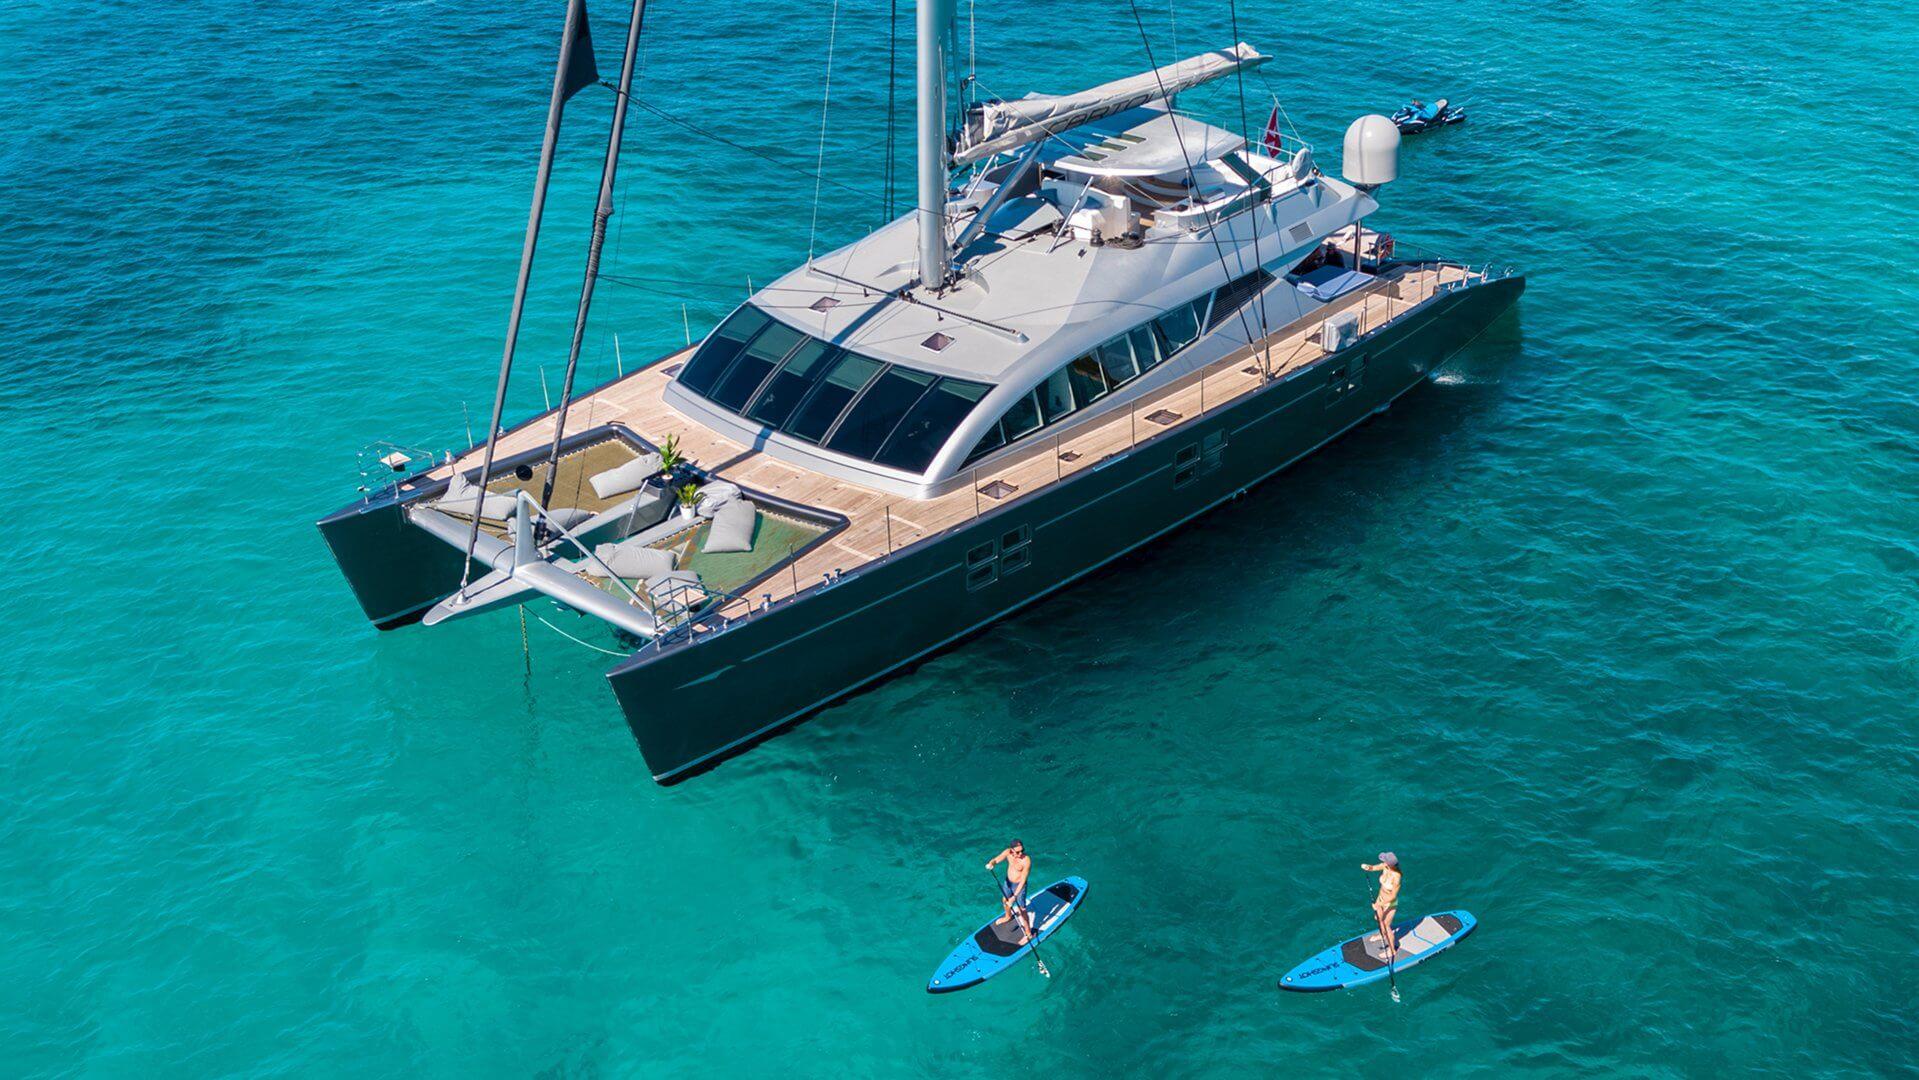 CHARTER - yacht cartouche 201803 profile 01 5aabc5c302fea v default big